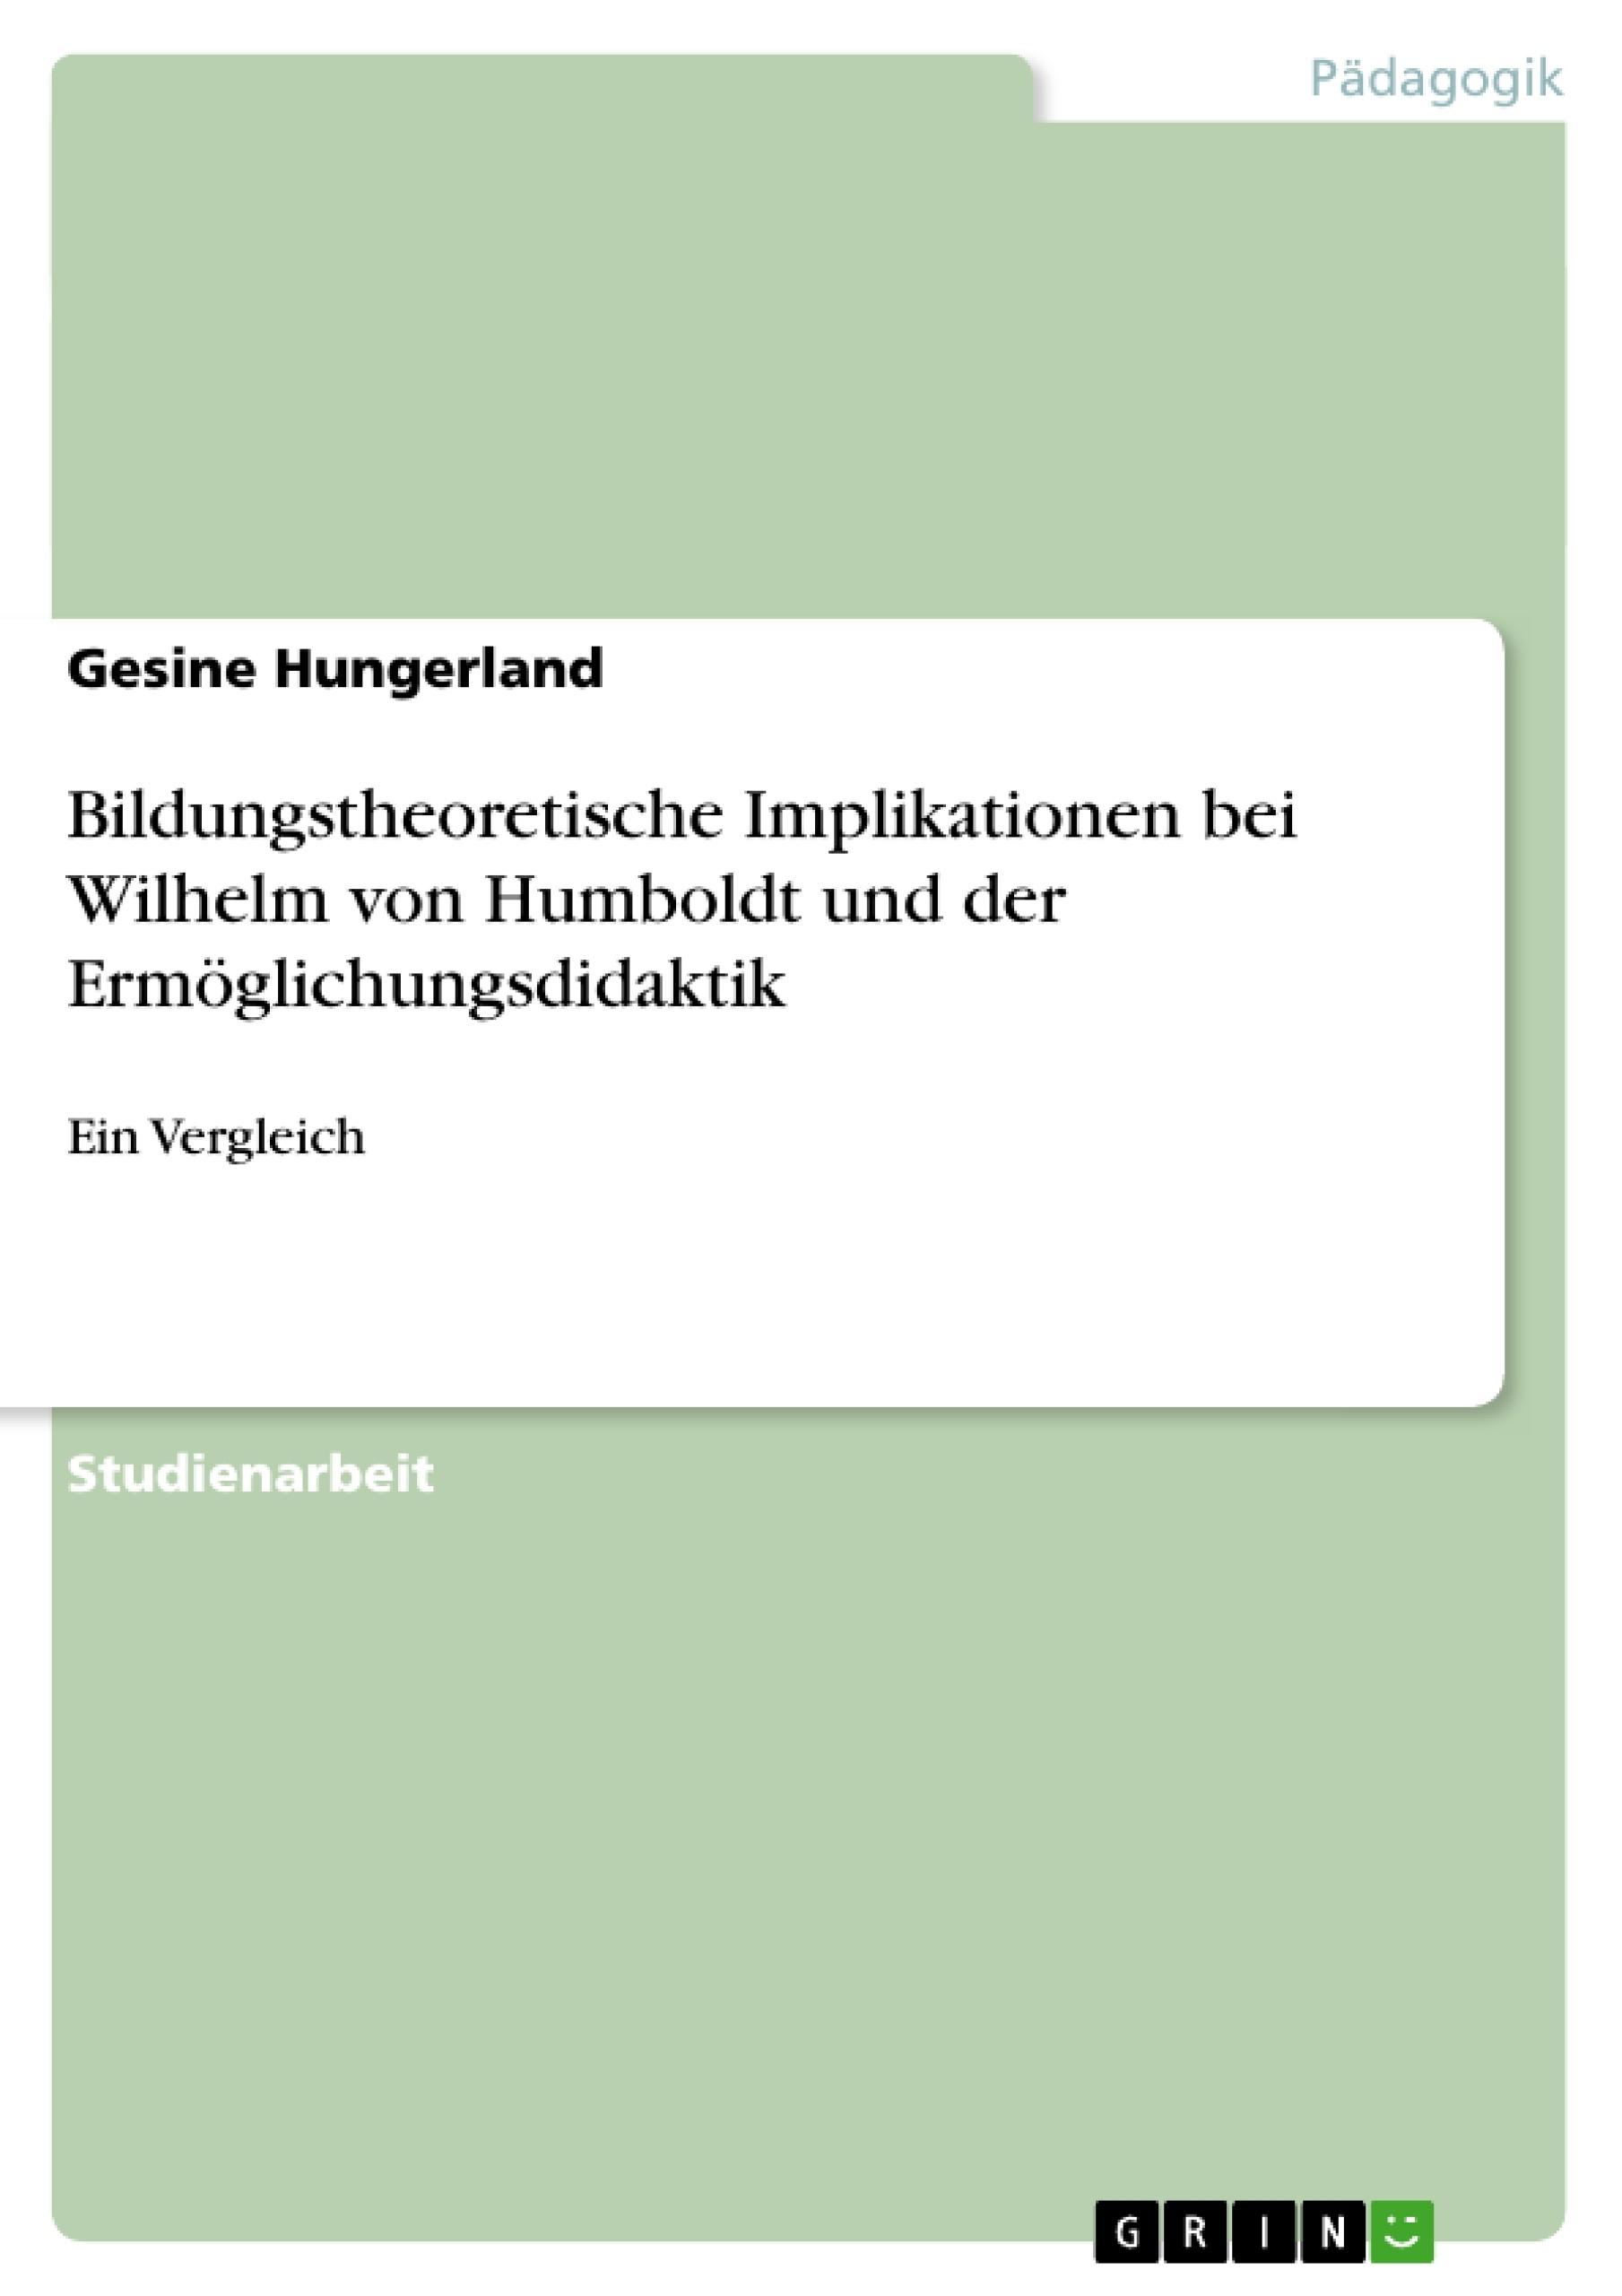 Titel: Bildungstheoretische Implikationen bei Wilhelm von Humboldt und der Ermöglichungsdidaktik